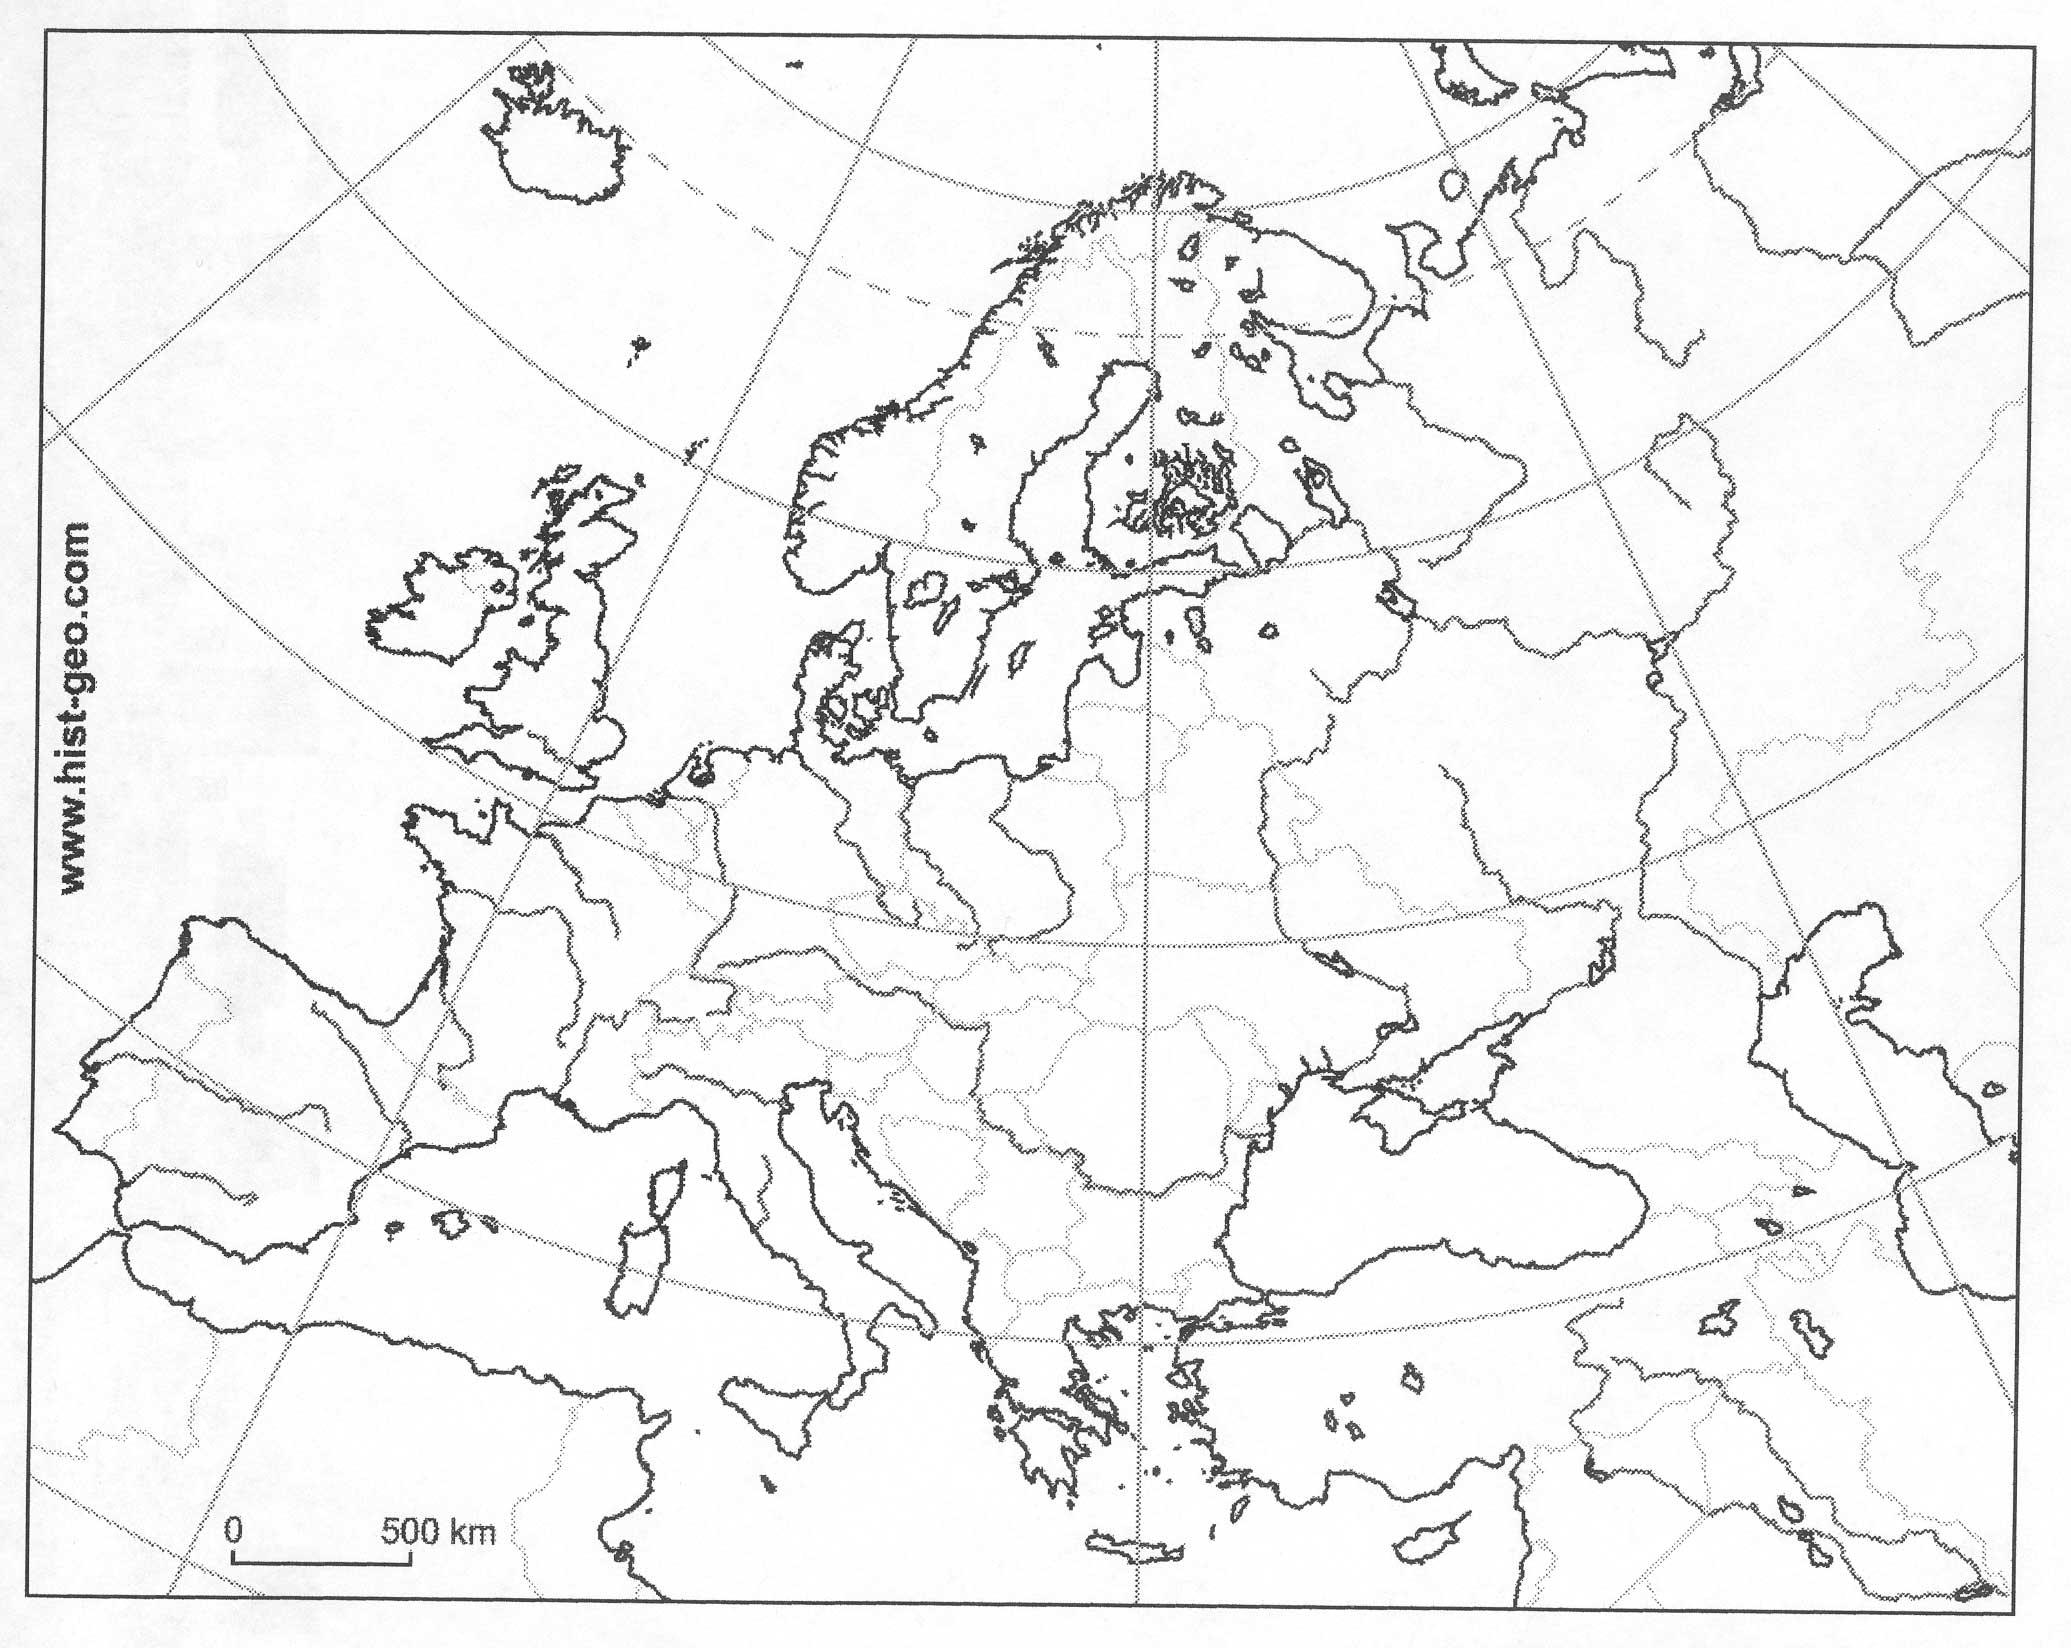 Europe 1848 Map Casami